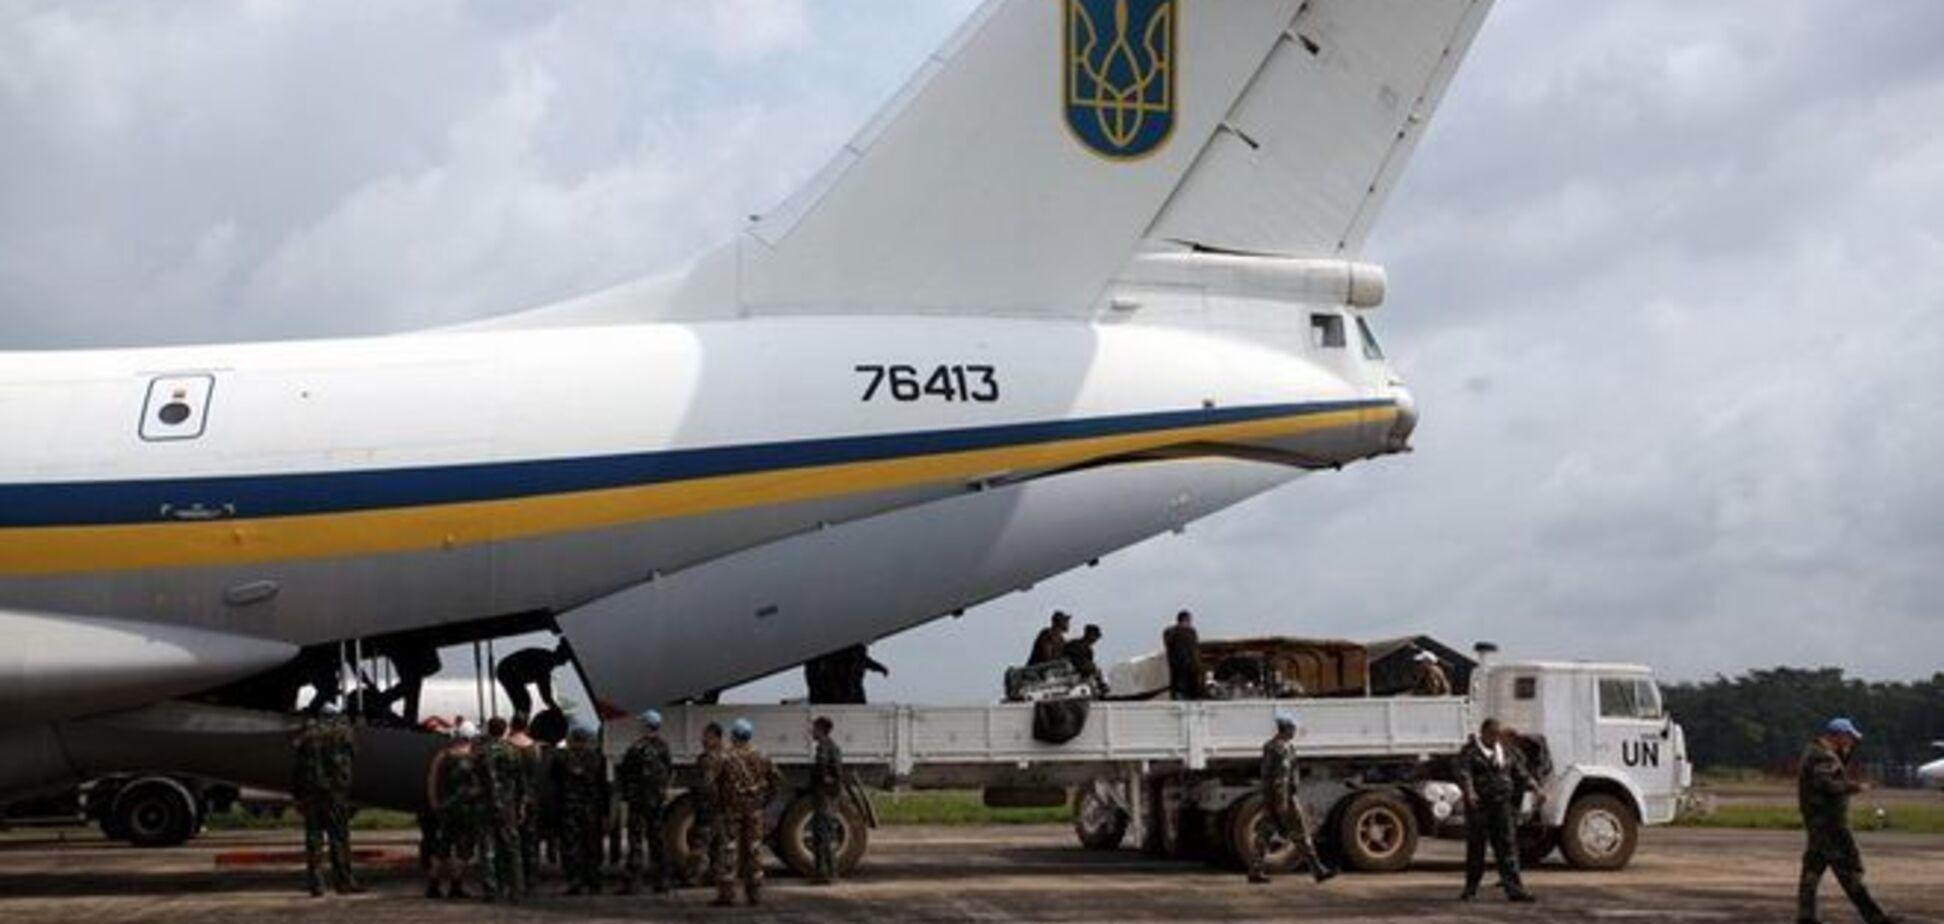 Лидер фейковой 'ЛНР' считает, что сбитый в Луганске Ил-76 был пустой